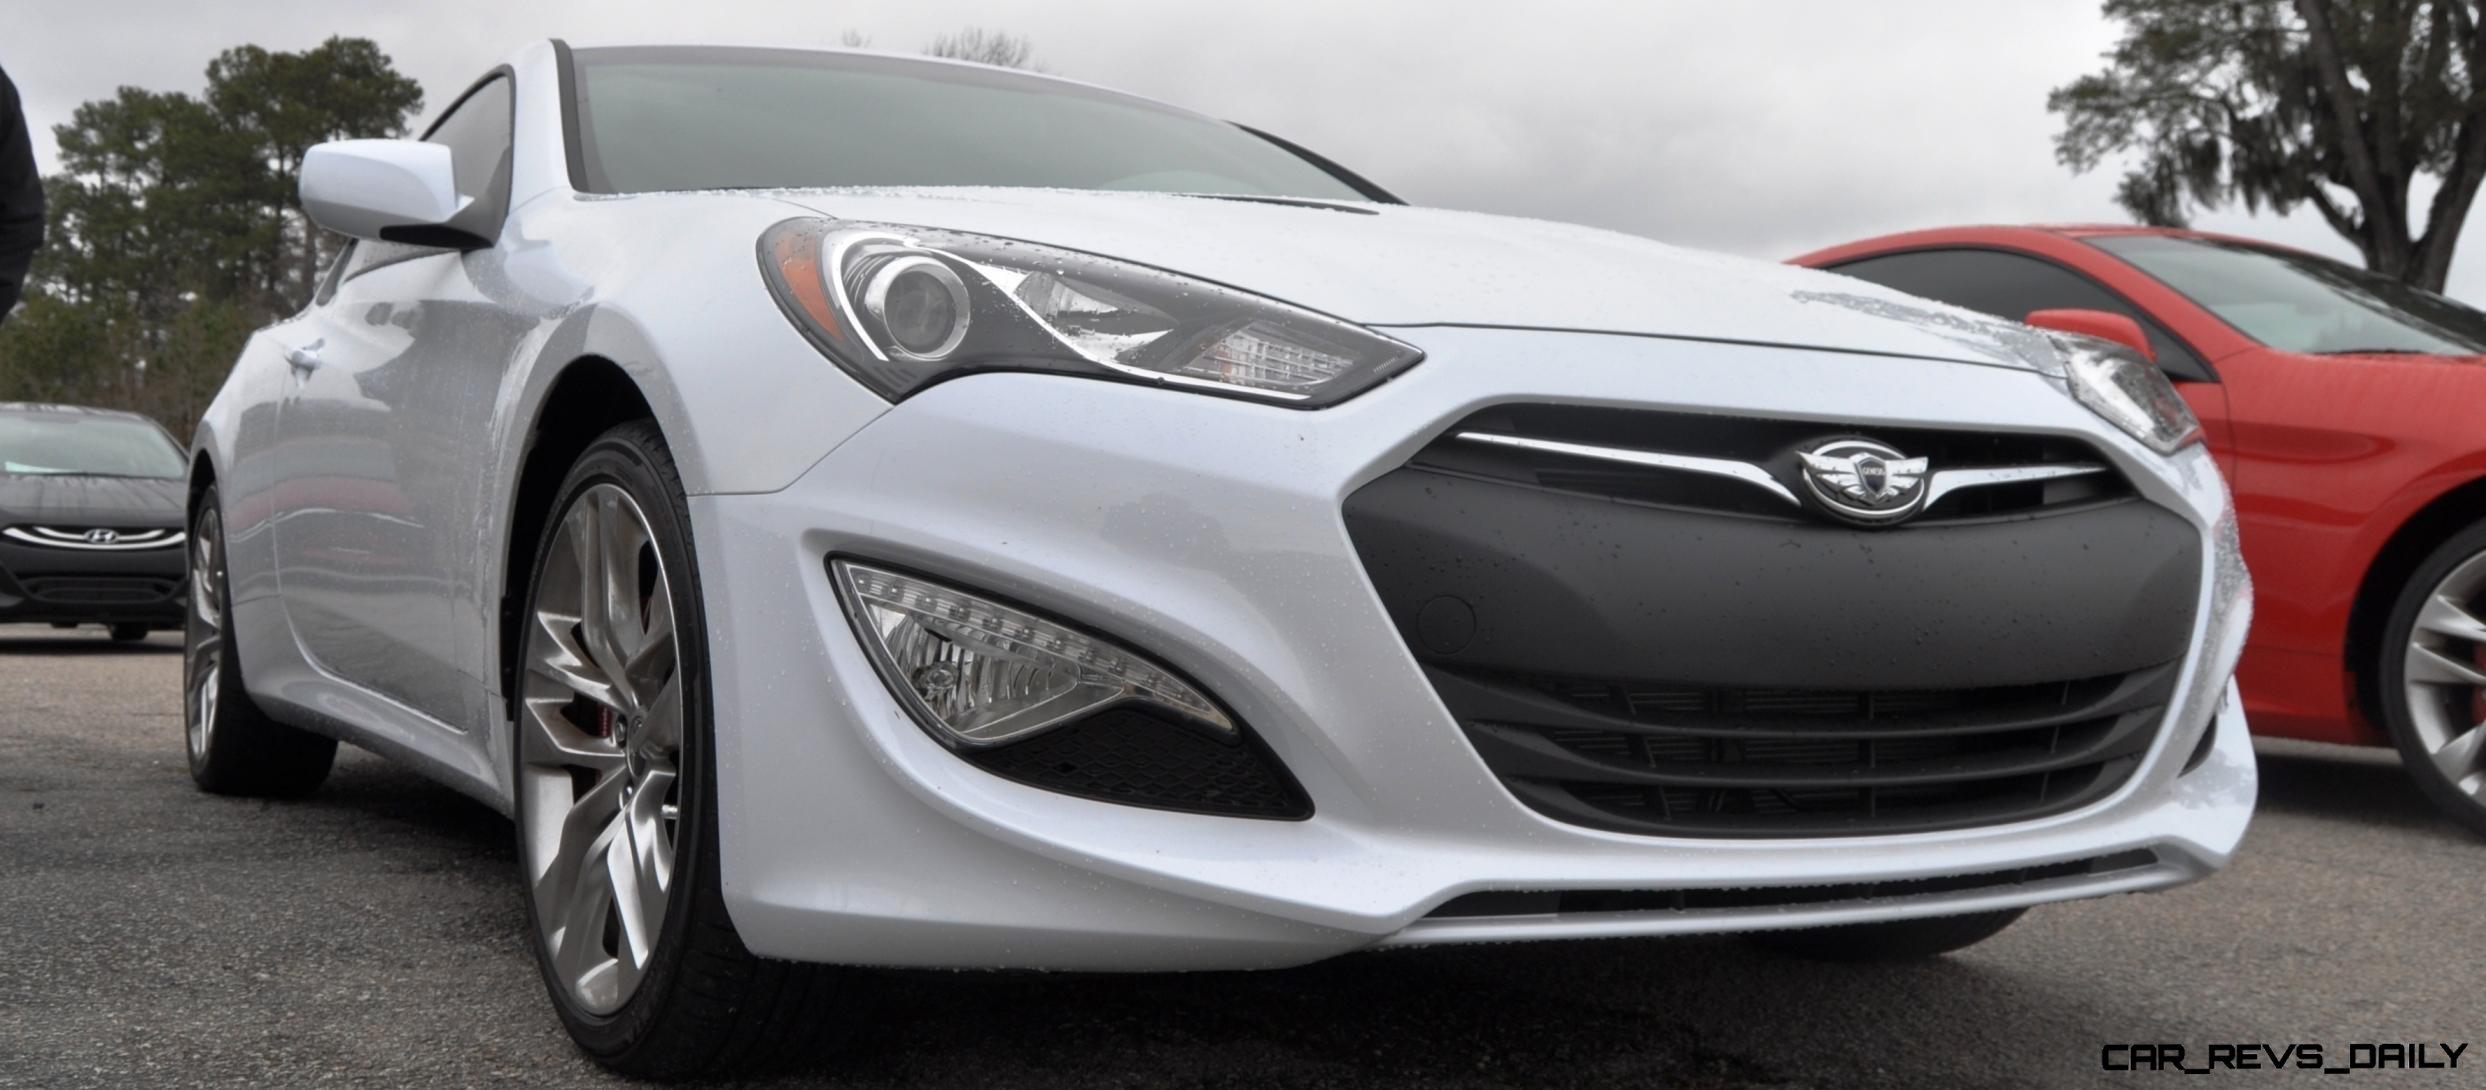 Hyundai genesis coupe 3 8 track pack 17 - Hyundai 3 8 genesis coupe ...